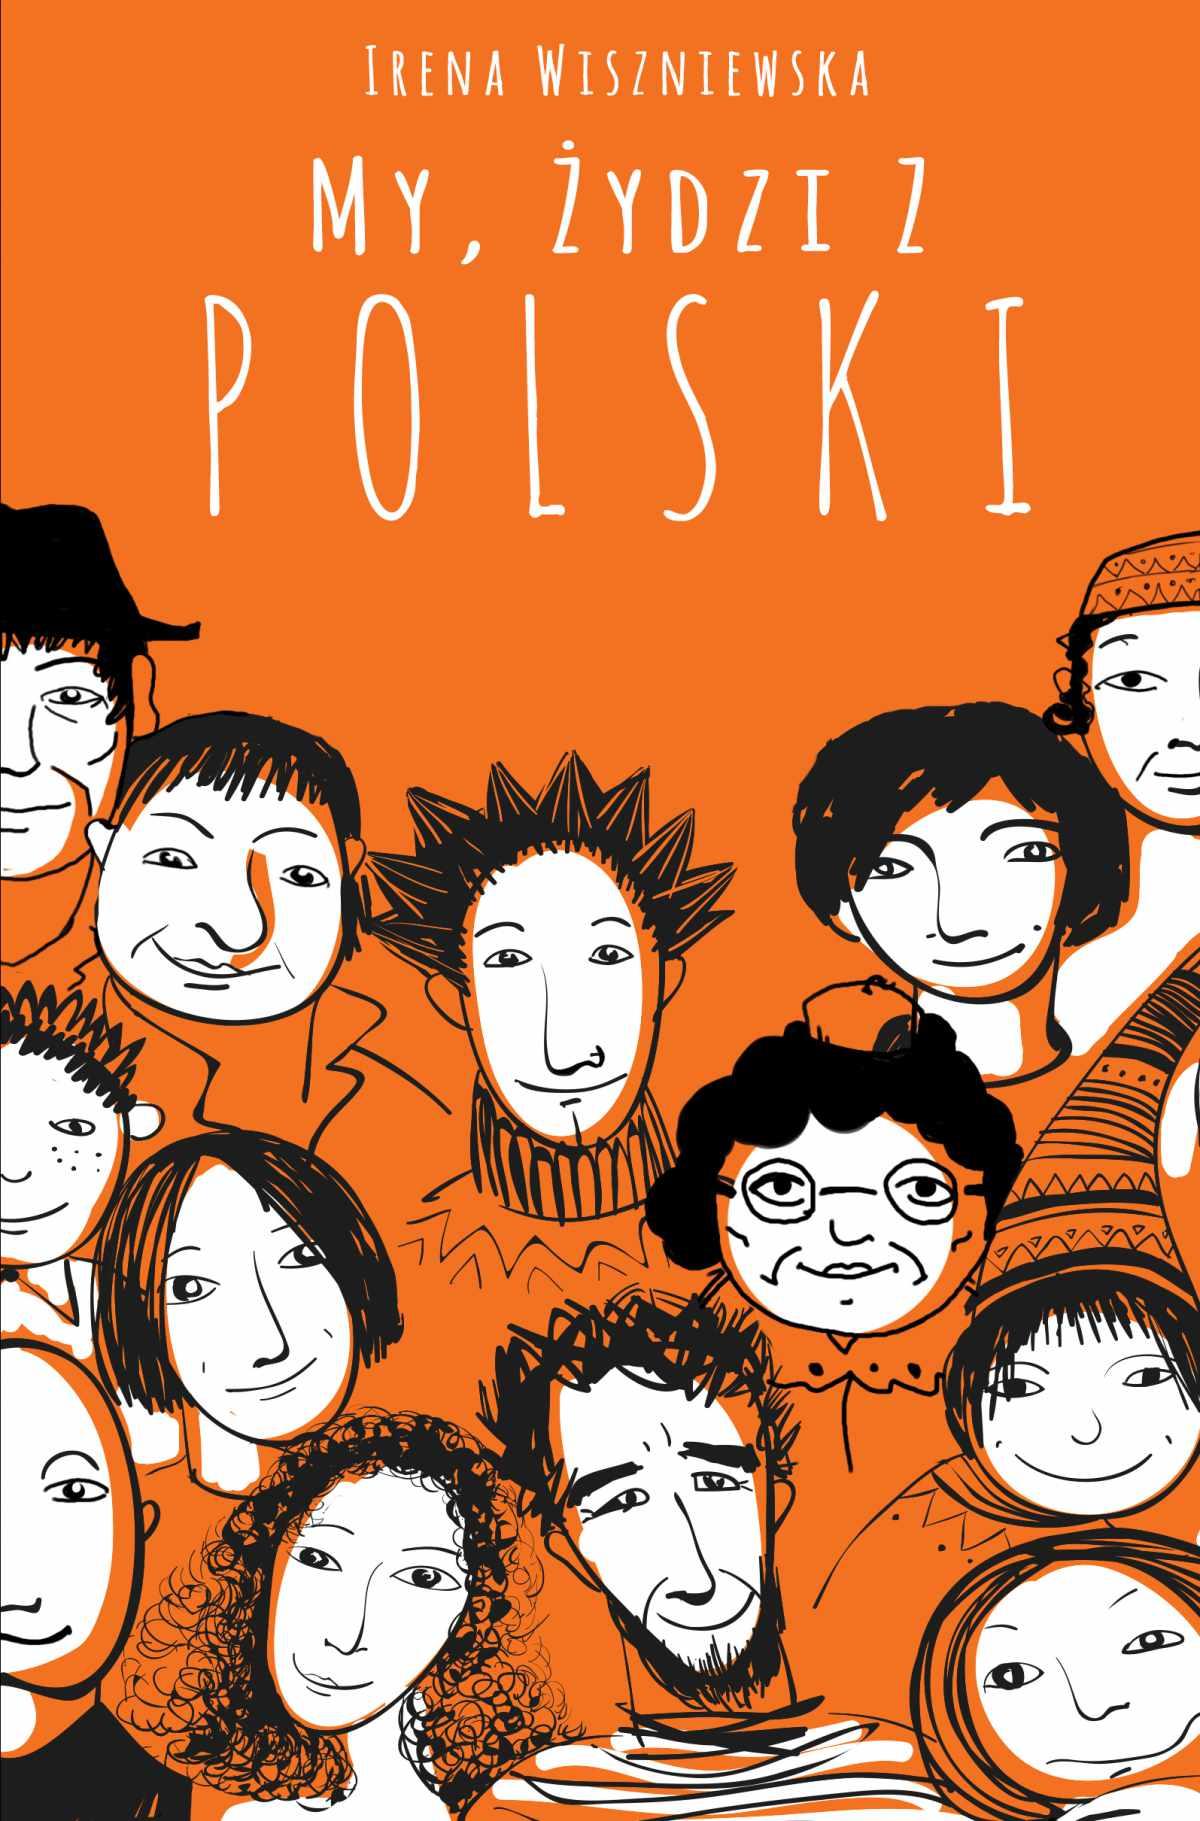 My, Żydzi z Polski - Ebook (Książka EPUB) do pobrania w formacie EPUB